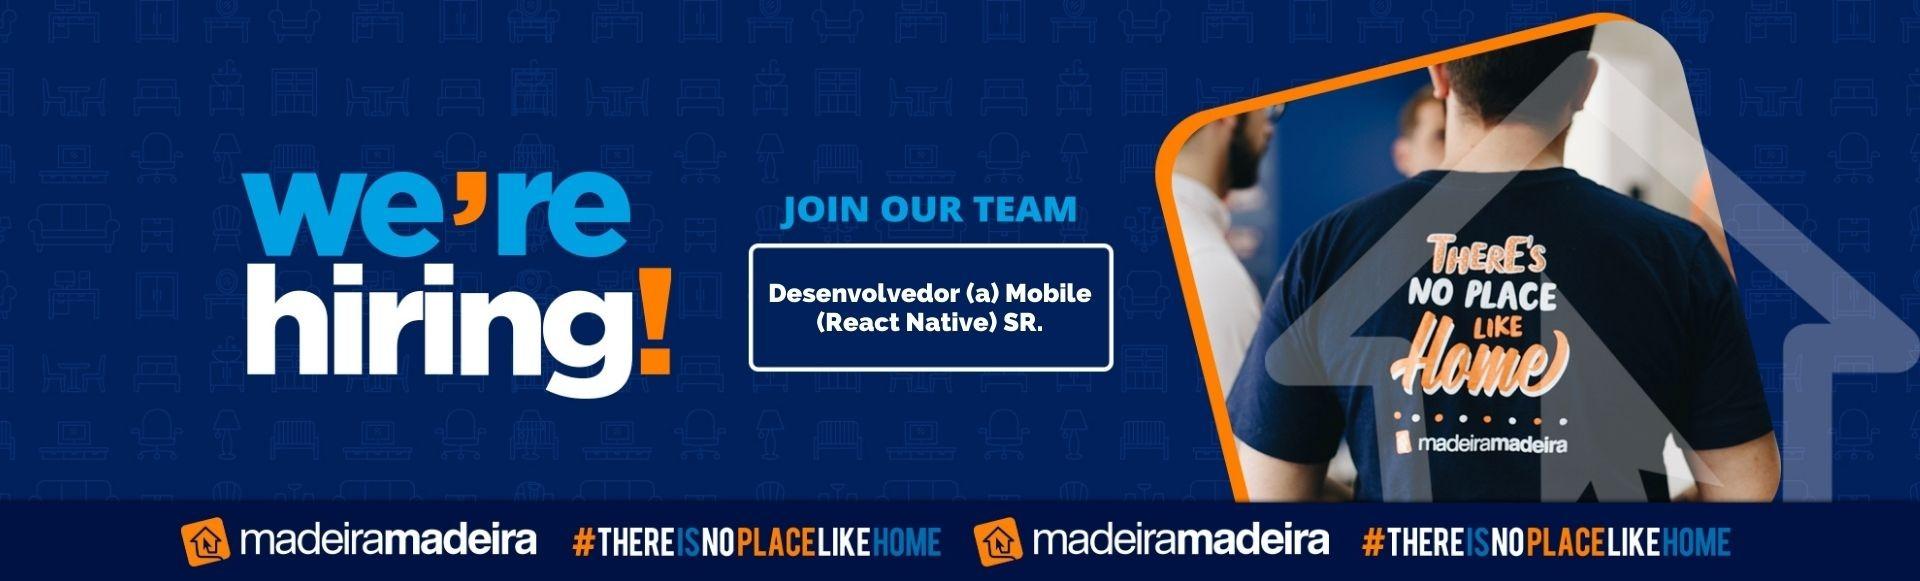 Desenvolvedor (a) Mobile (React Native) SR